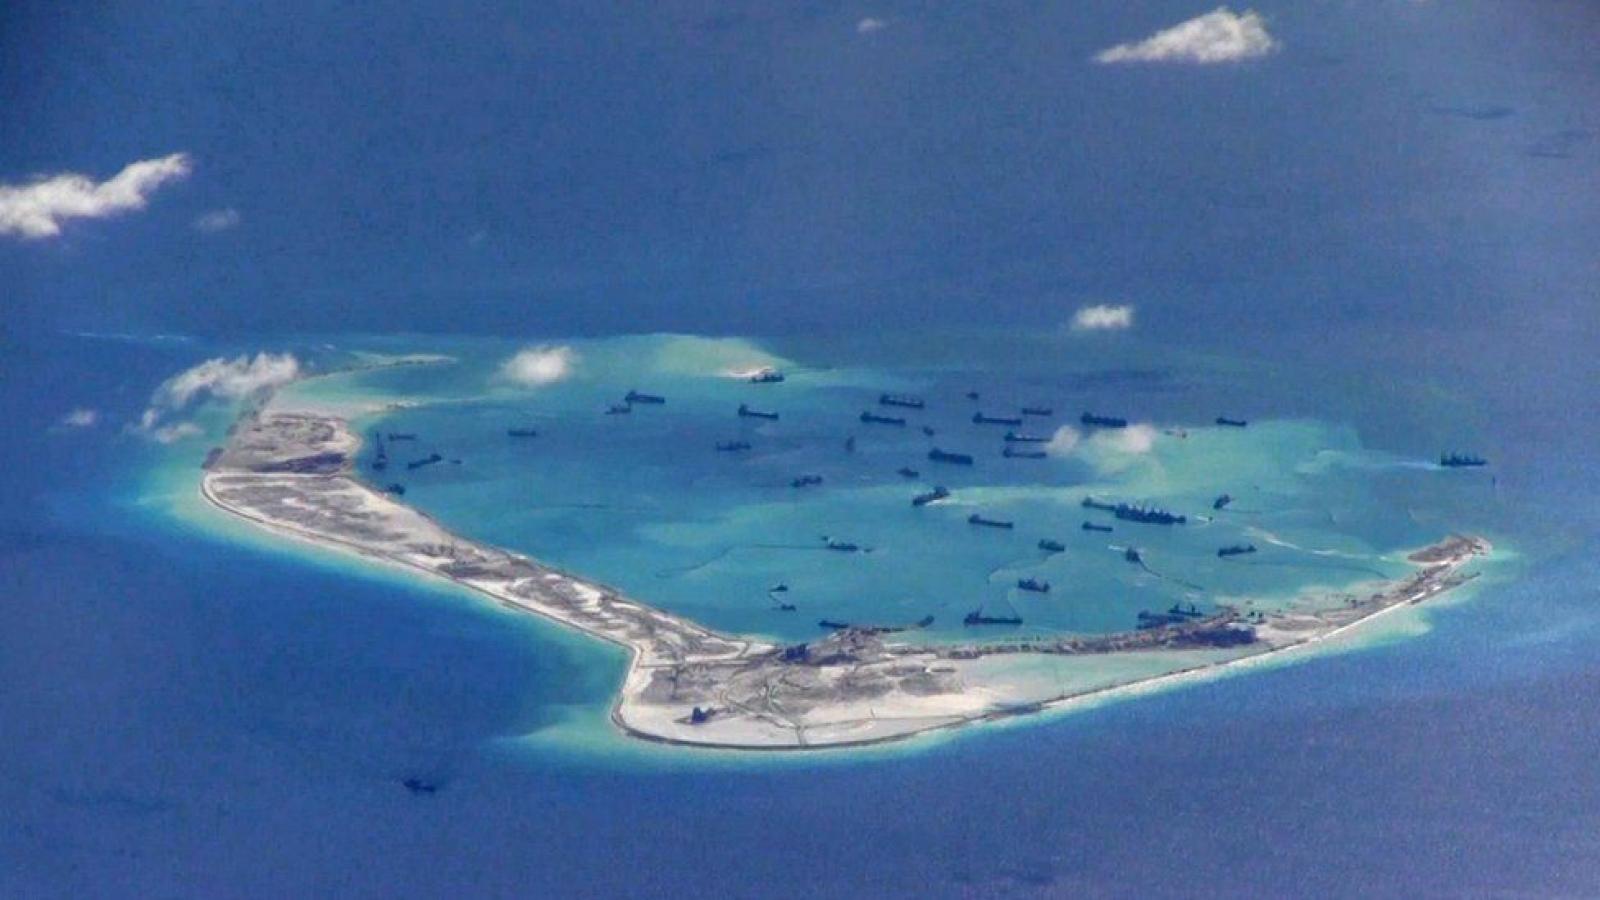 Mỹ và Philippines quan ngại về số lượng tàu dân quân biển Trung Quốc trên Biển Đông